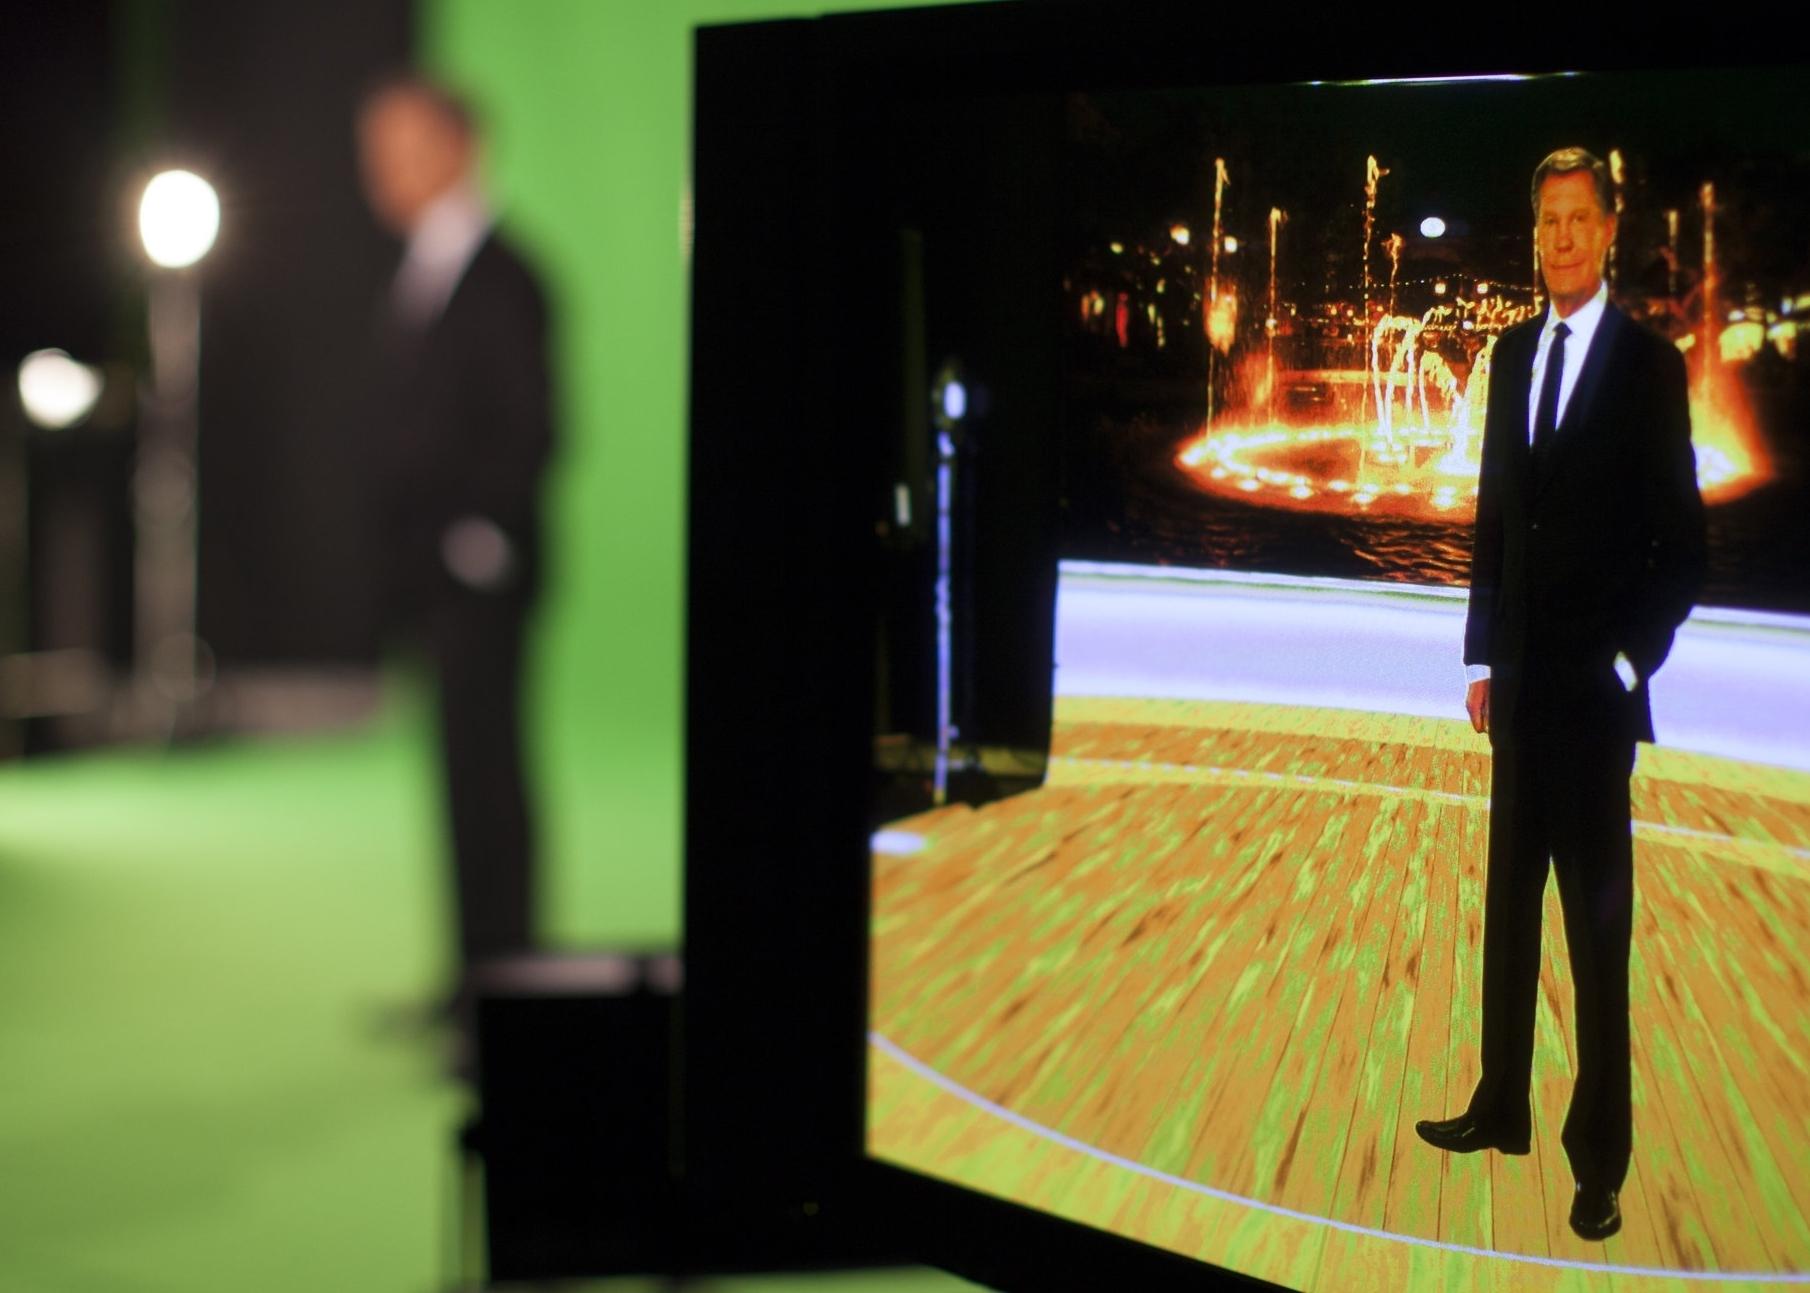 behind scenes; kcal promo x1.jpg